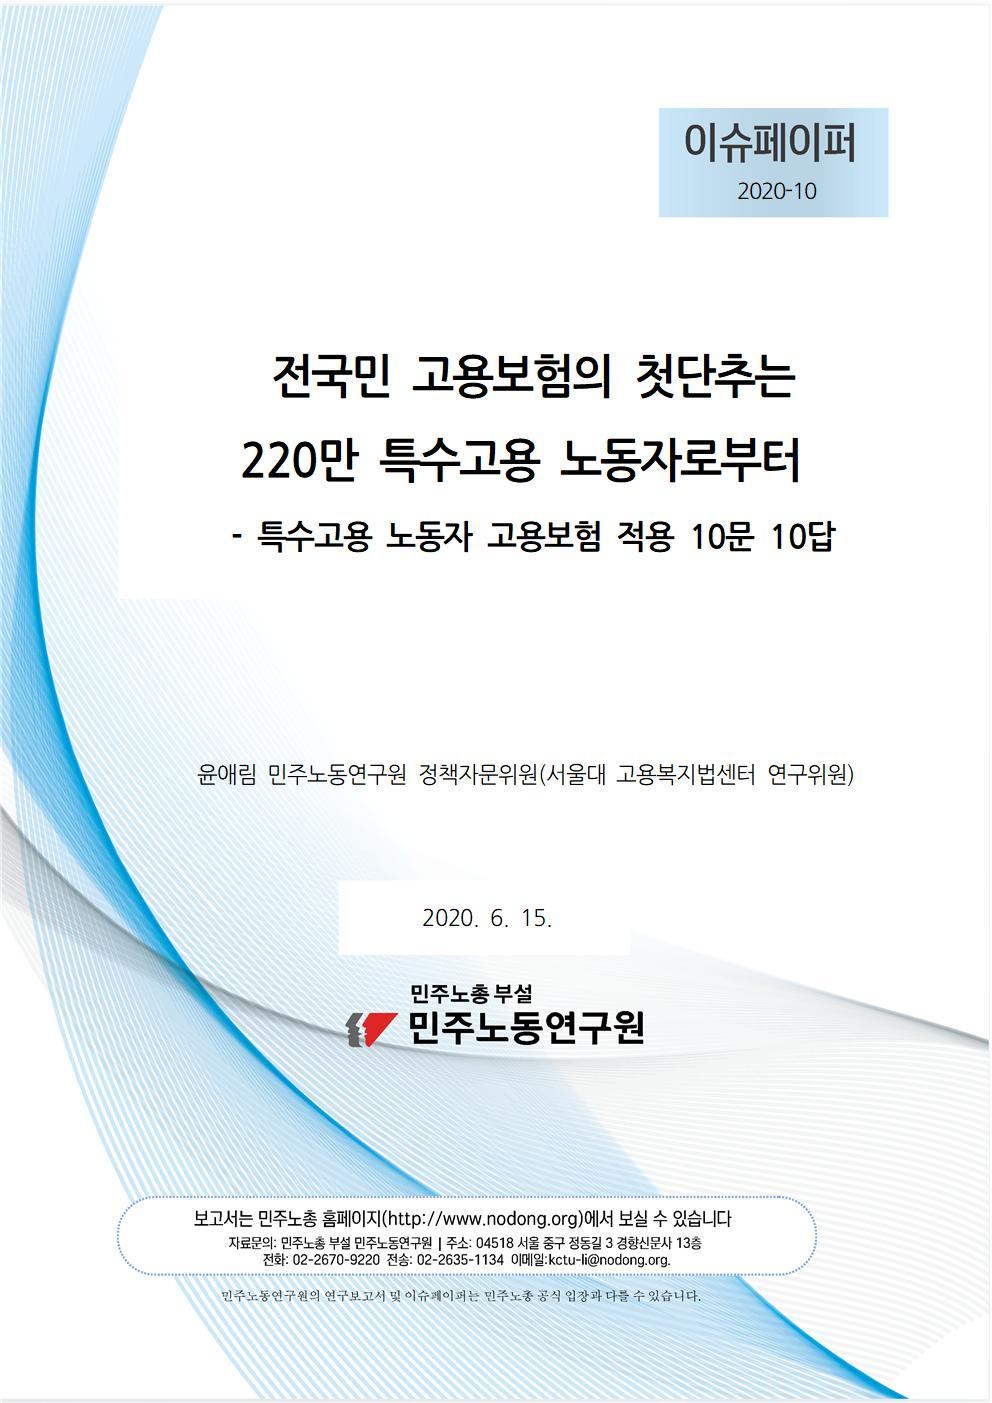 2020_10_전국민고용보험_특고부터_민주노동연구원_윤애림(Final)_표지001.jpg